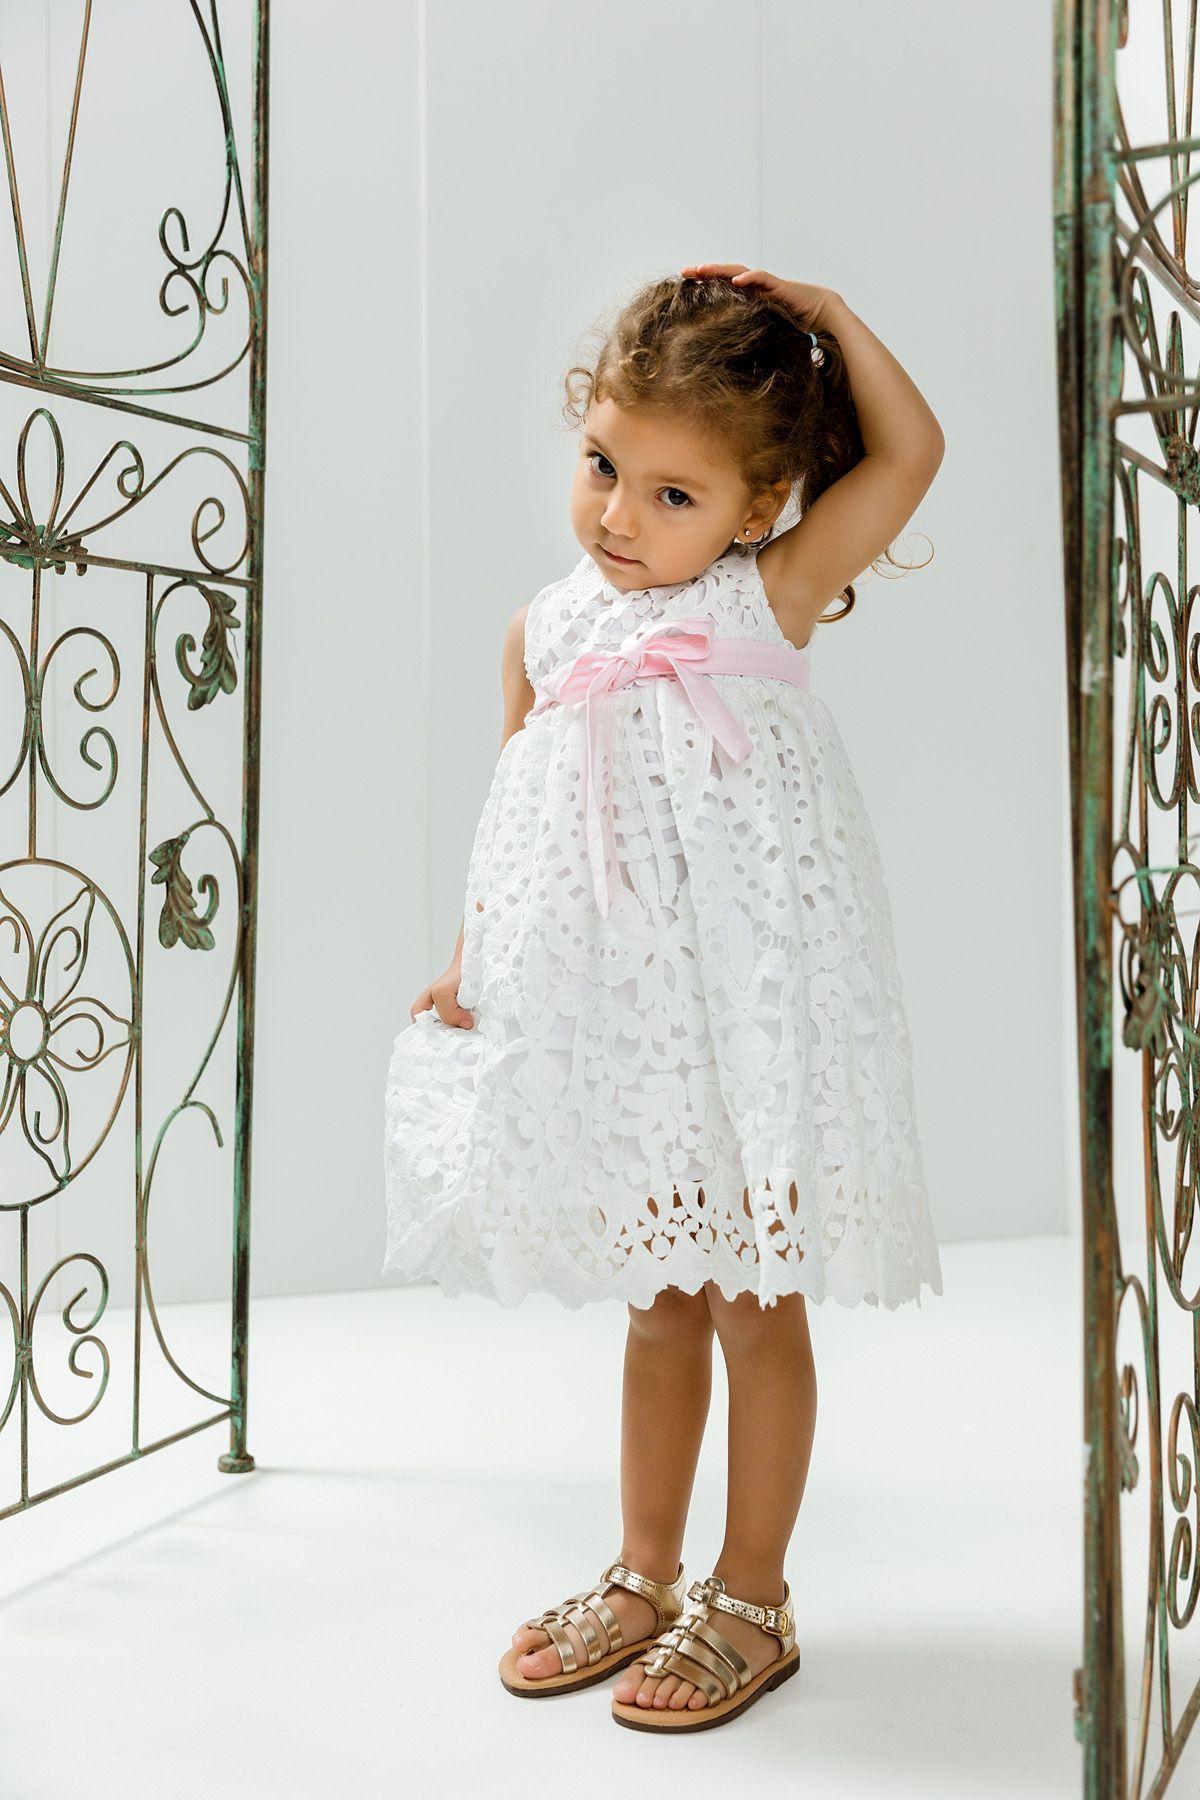 Βαπτιστικό φόρεμα με λευκό broderie και ροζ ζώνη